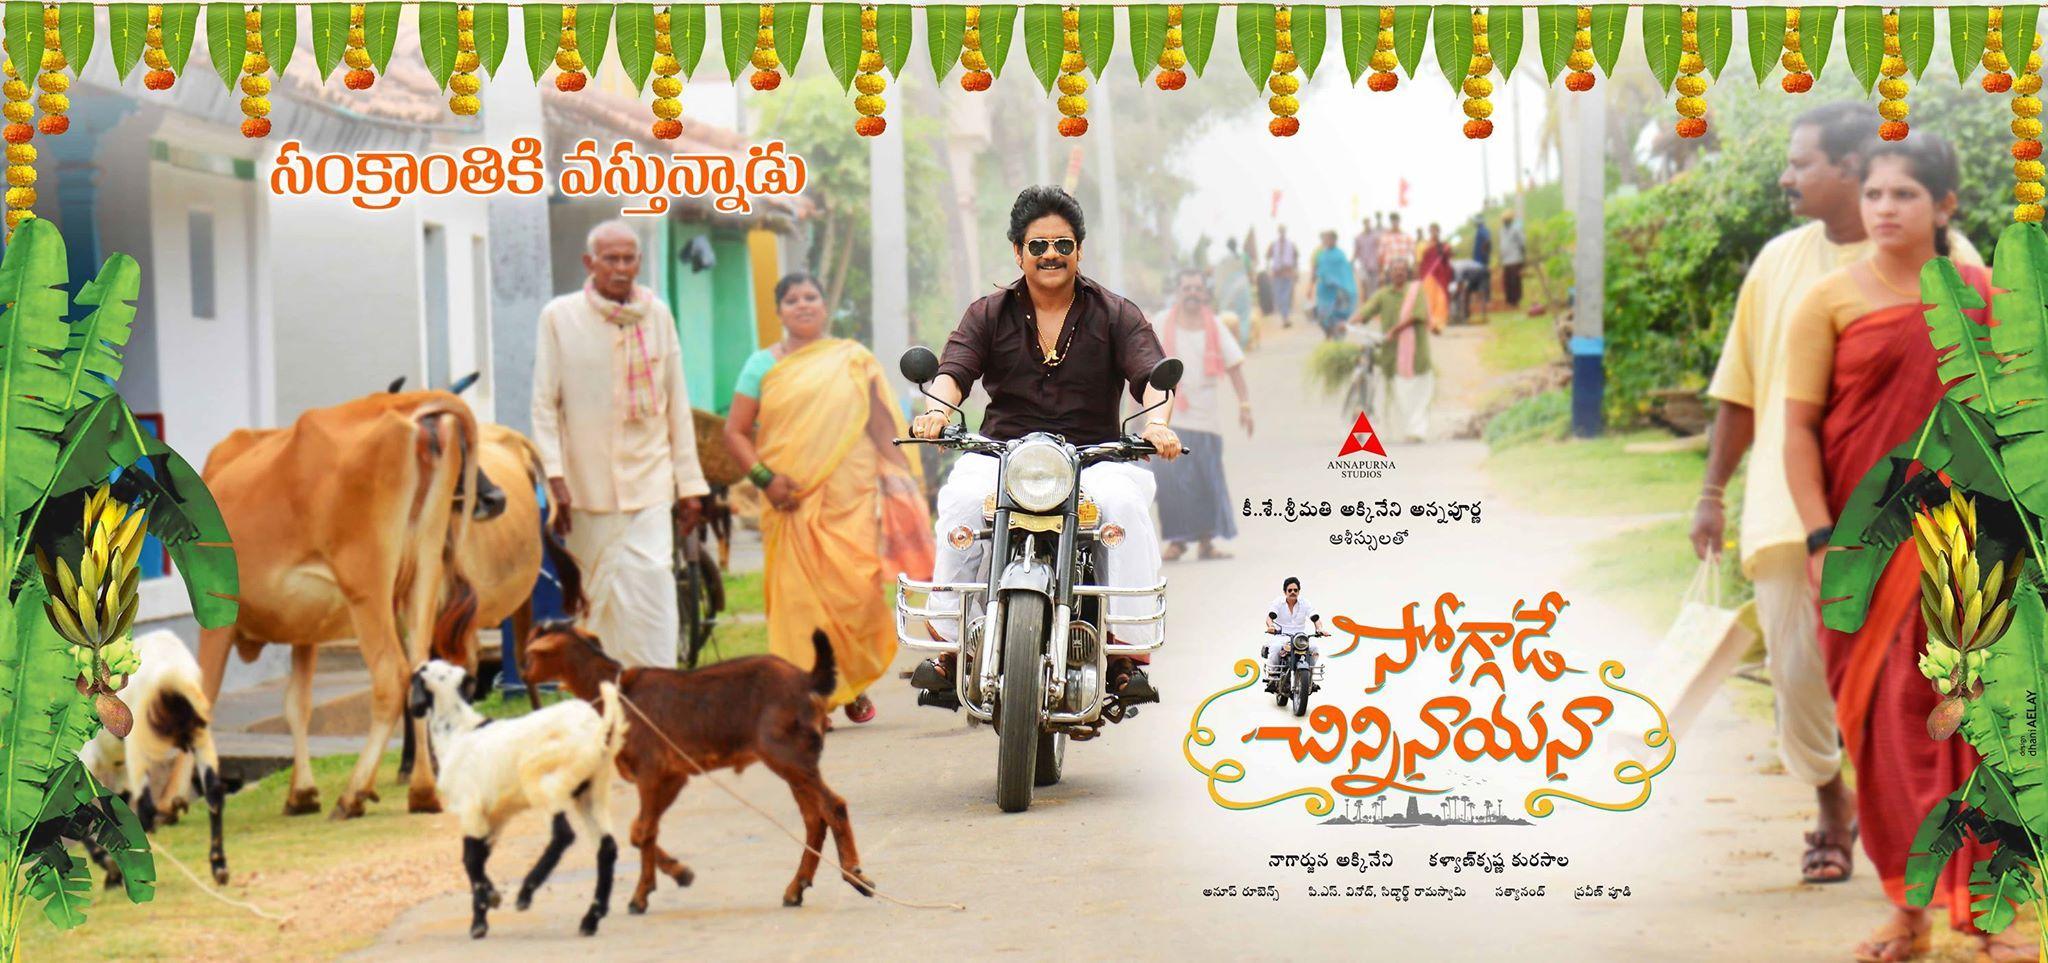 Soggade Chinni Nayana 2016 Telugu Movie Watch Online Watches